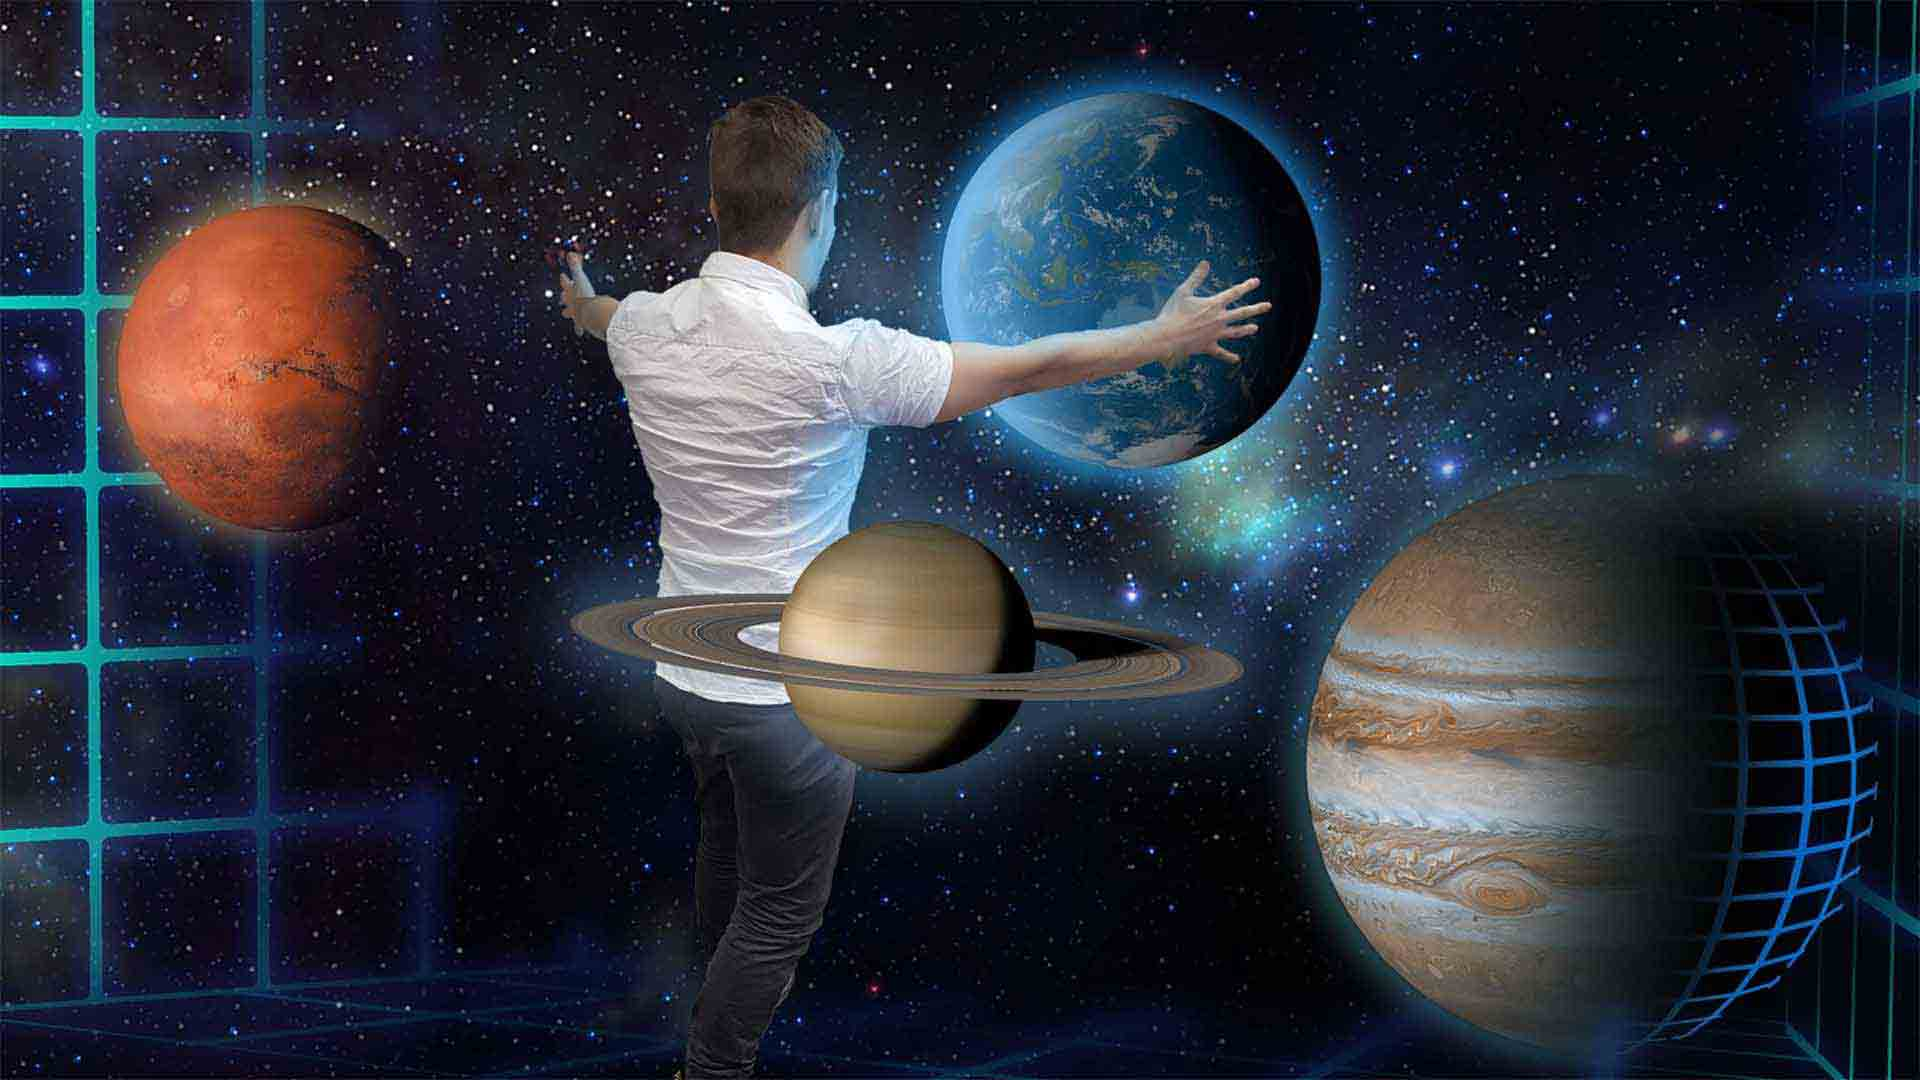 فضا-زمان: توهم یا واقعیت؛ نگاهی جامع به مفاهیم و نظریهها - 54